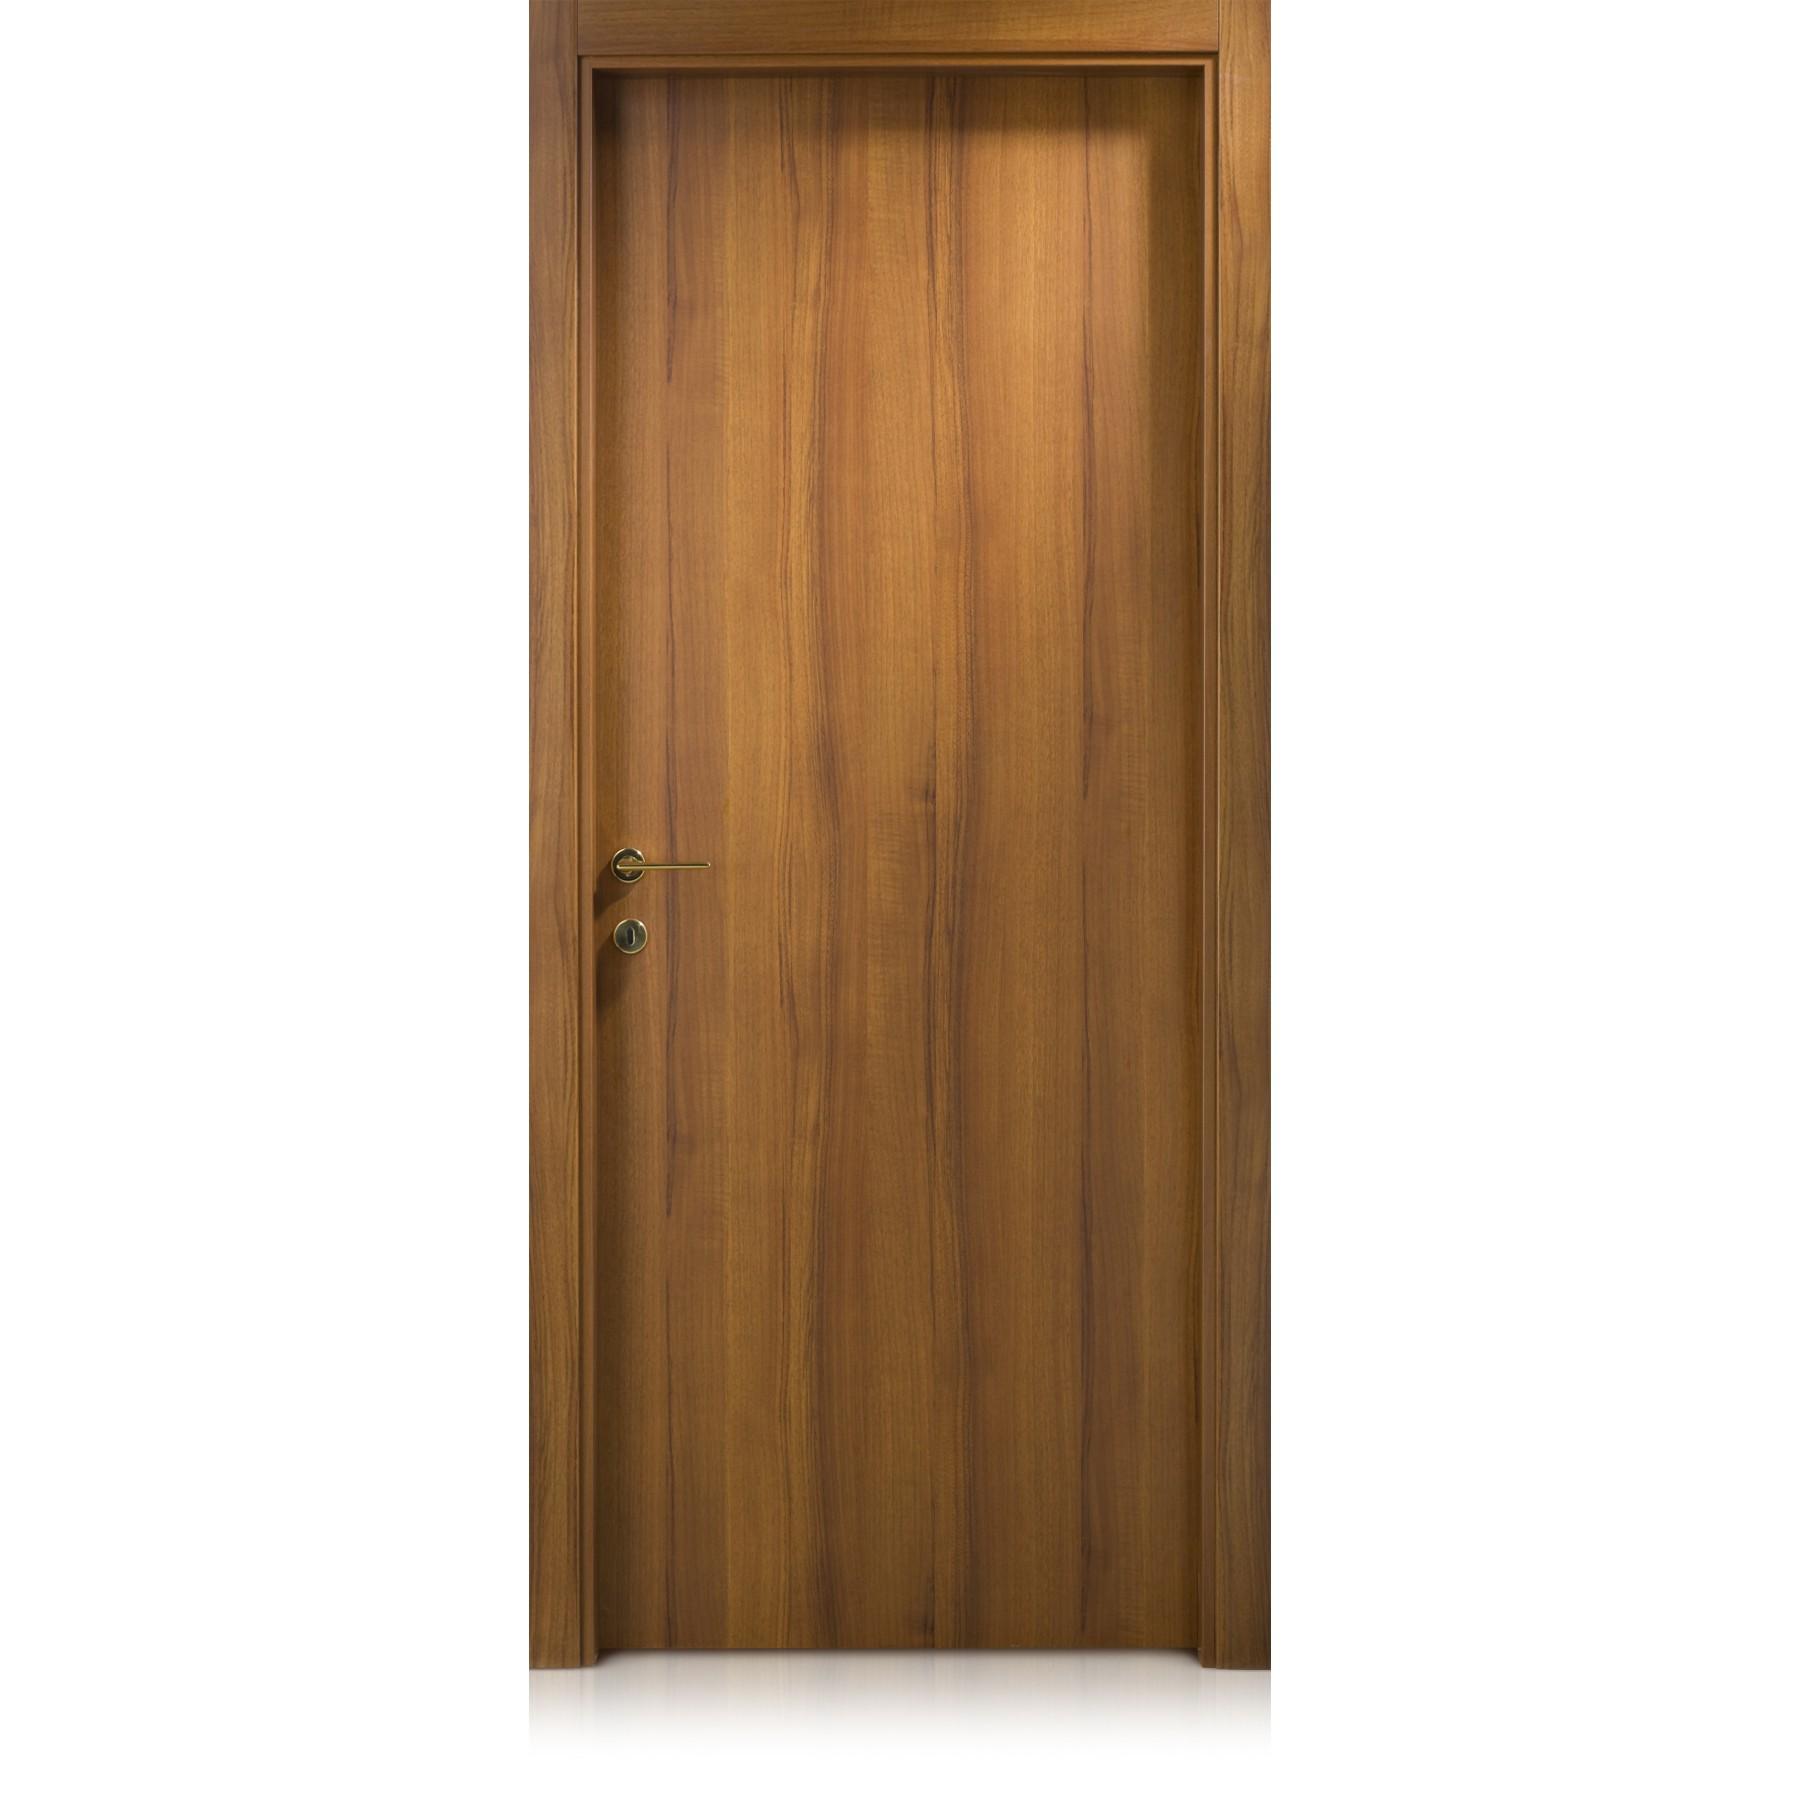 Liss noce door